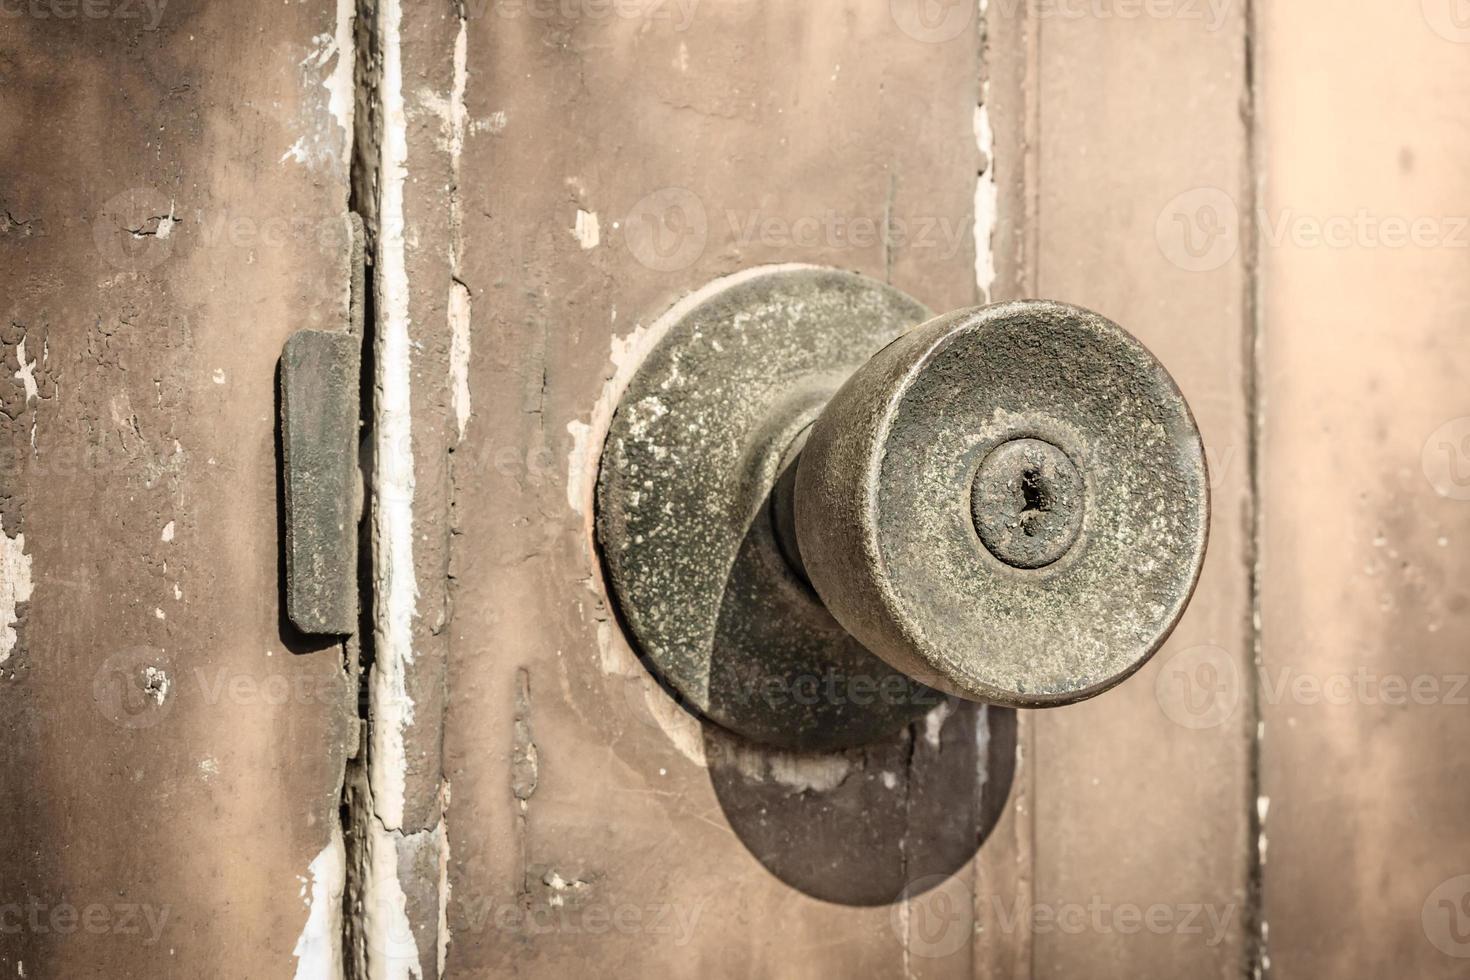 Pomo de puerta rústica en la antigua puerta de madera. foto